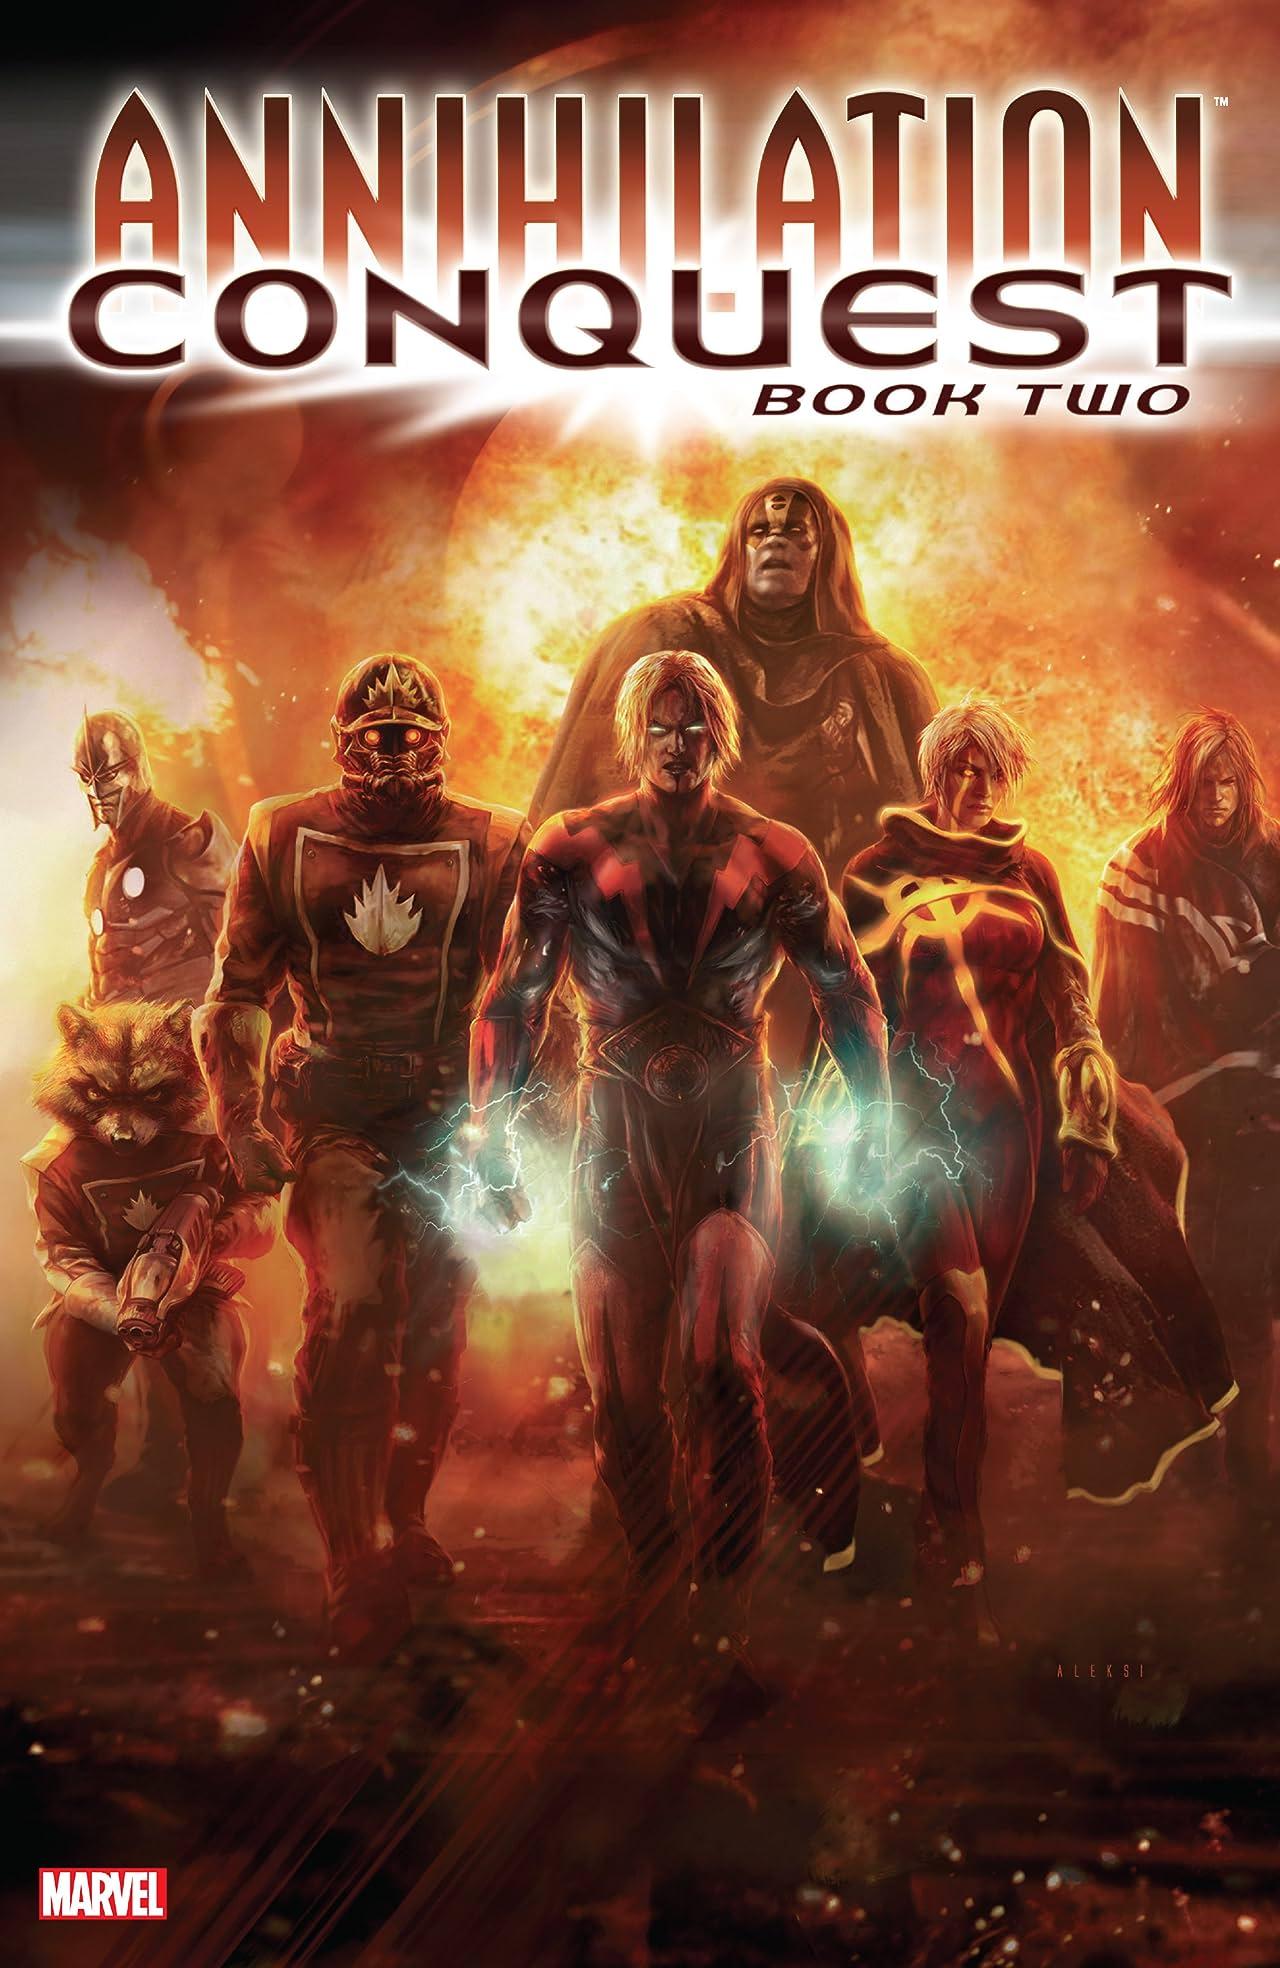 Annihilation: Conquest: Book Two